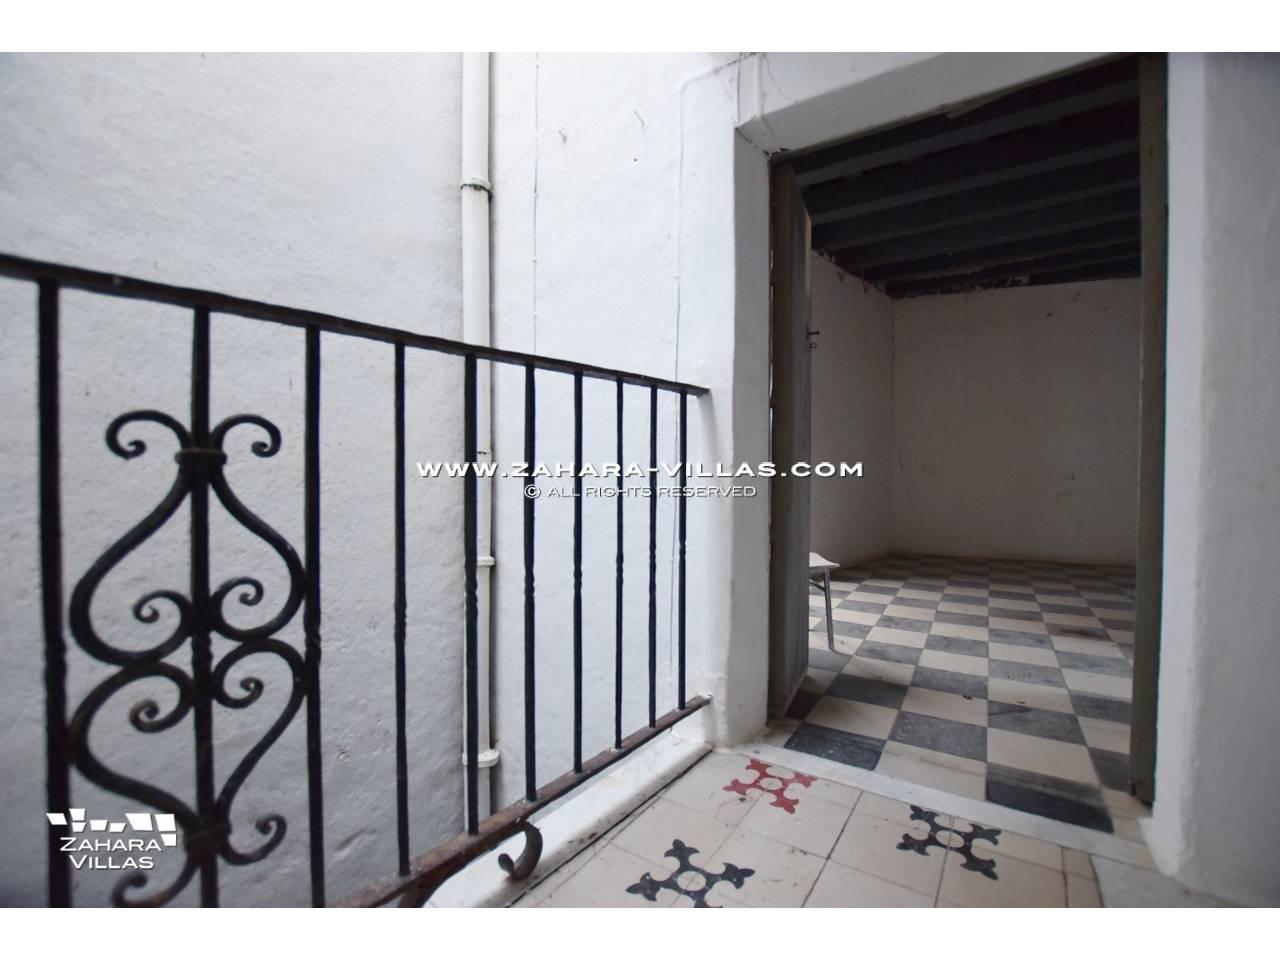 Imagen 6 de Historic buildings for sale in Vejer de la Frontera are sold